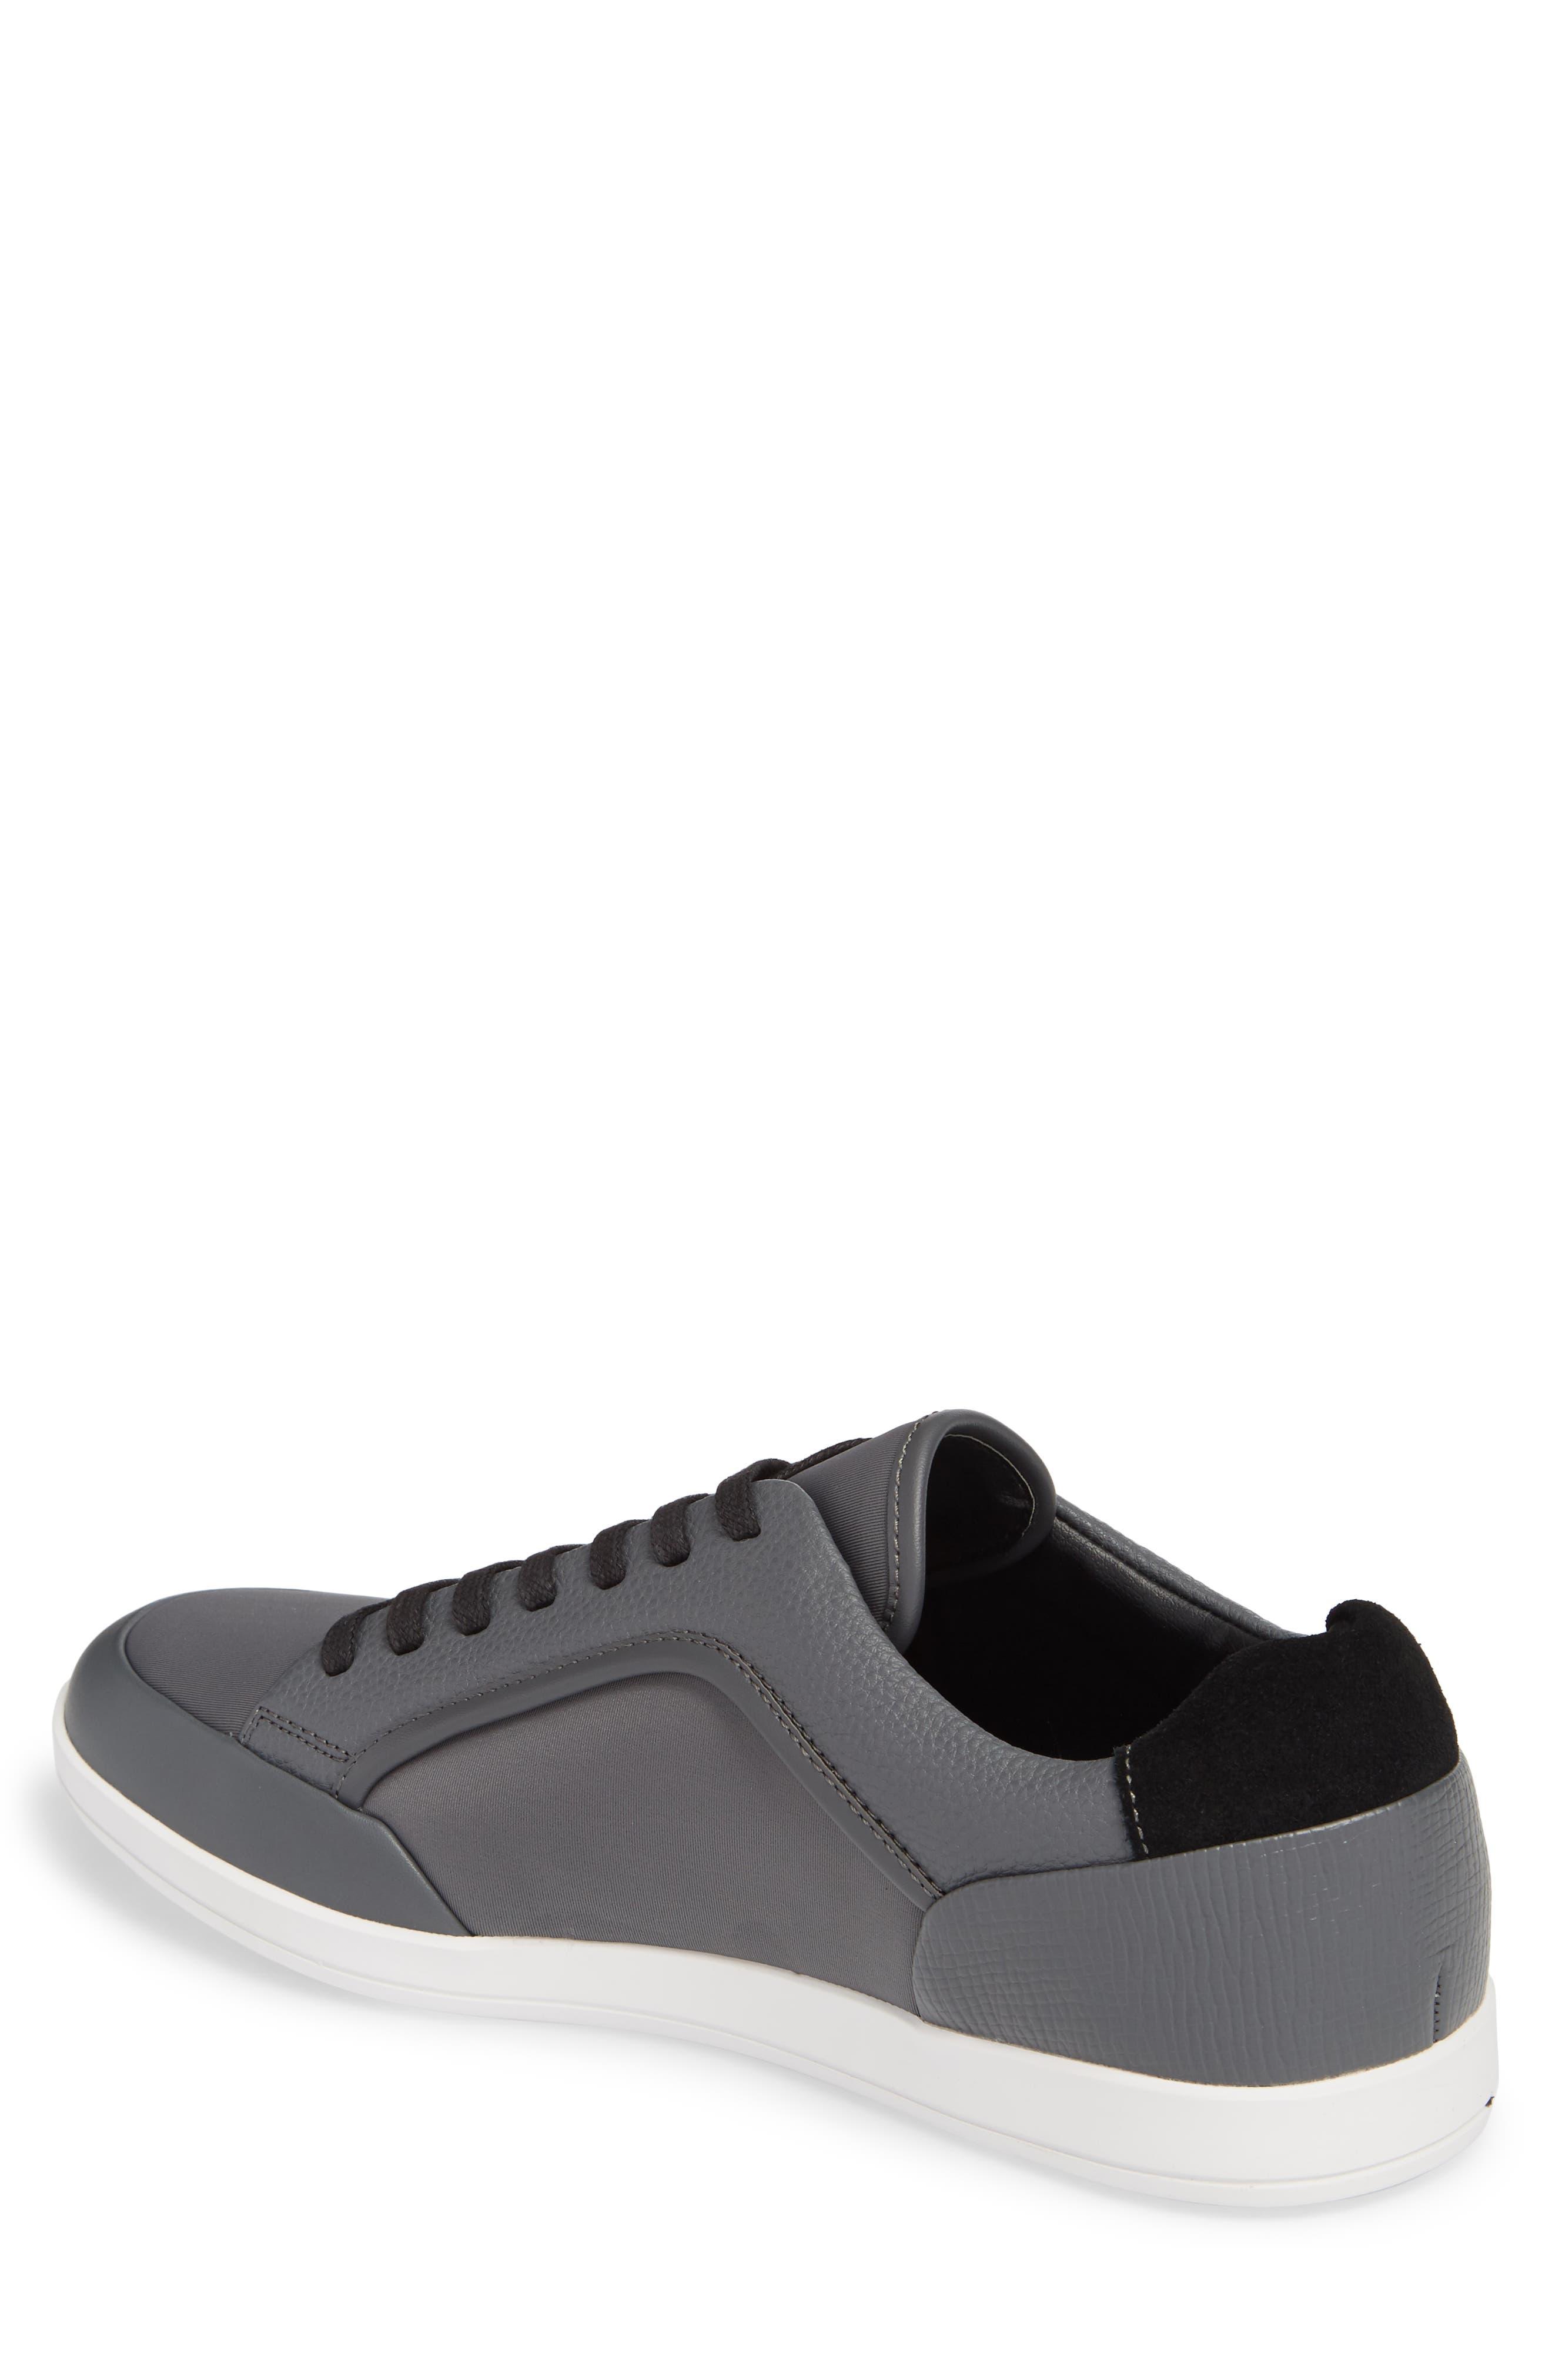 Masen Sneaker,                             Alternate thumbnail 7, color,